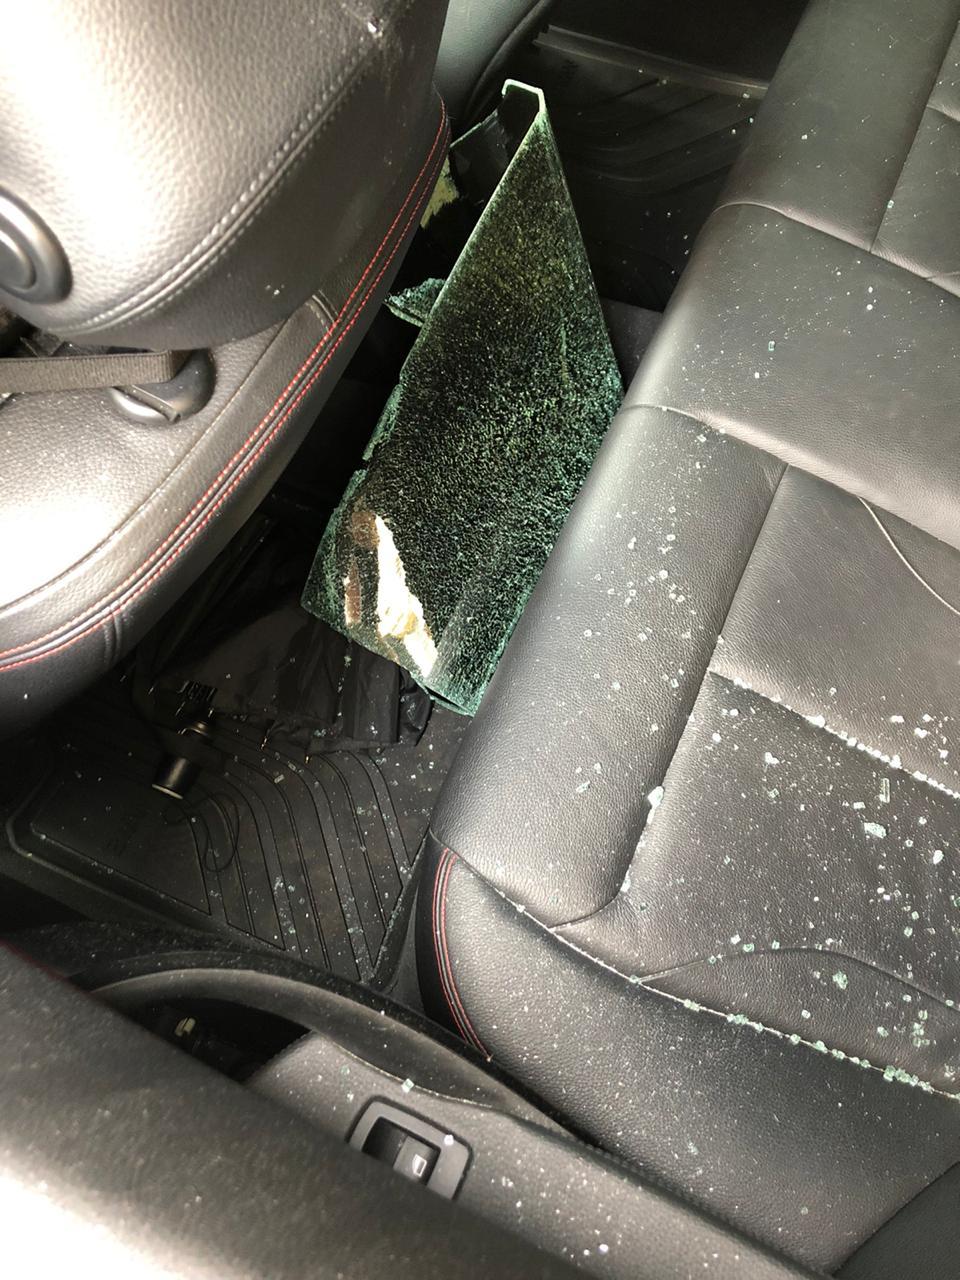 В Москве ограбили машину  с драгоценностями